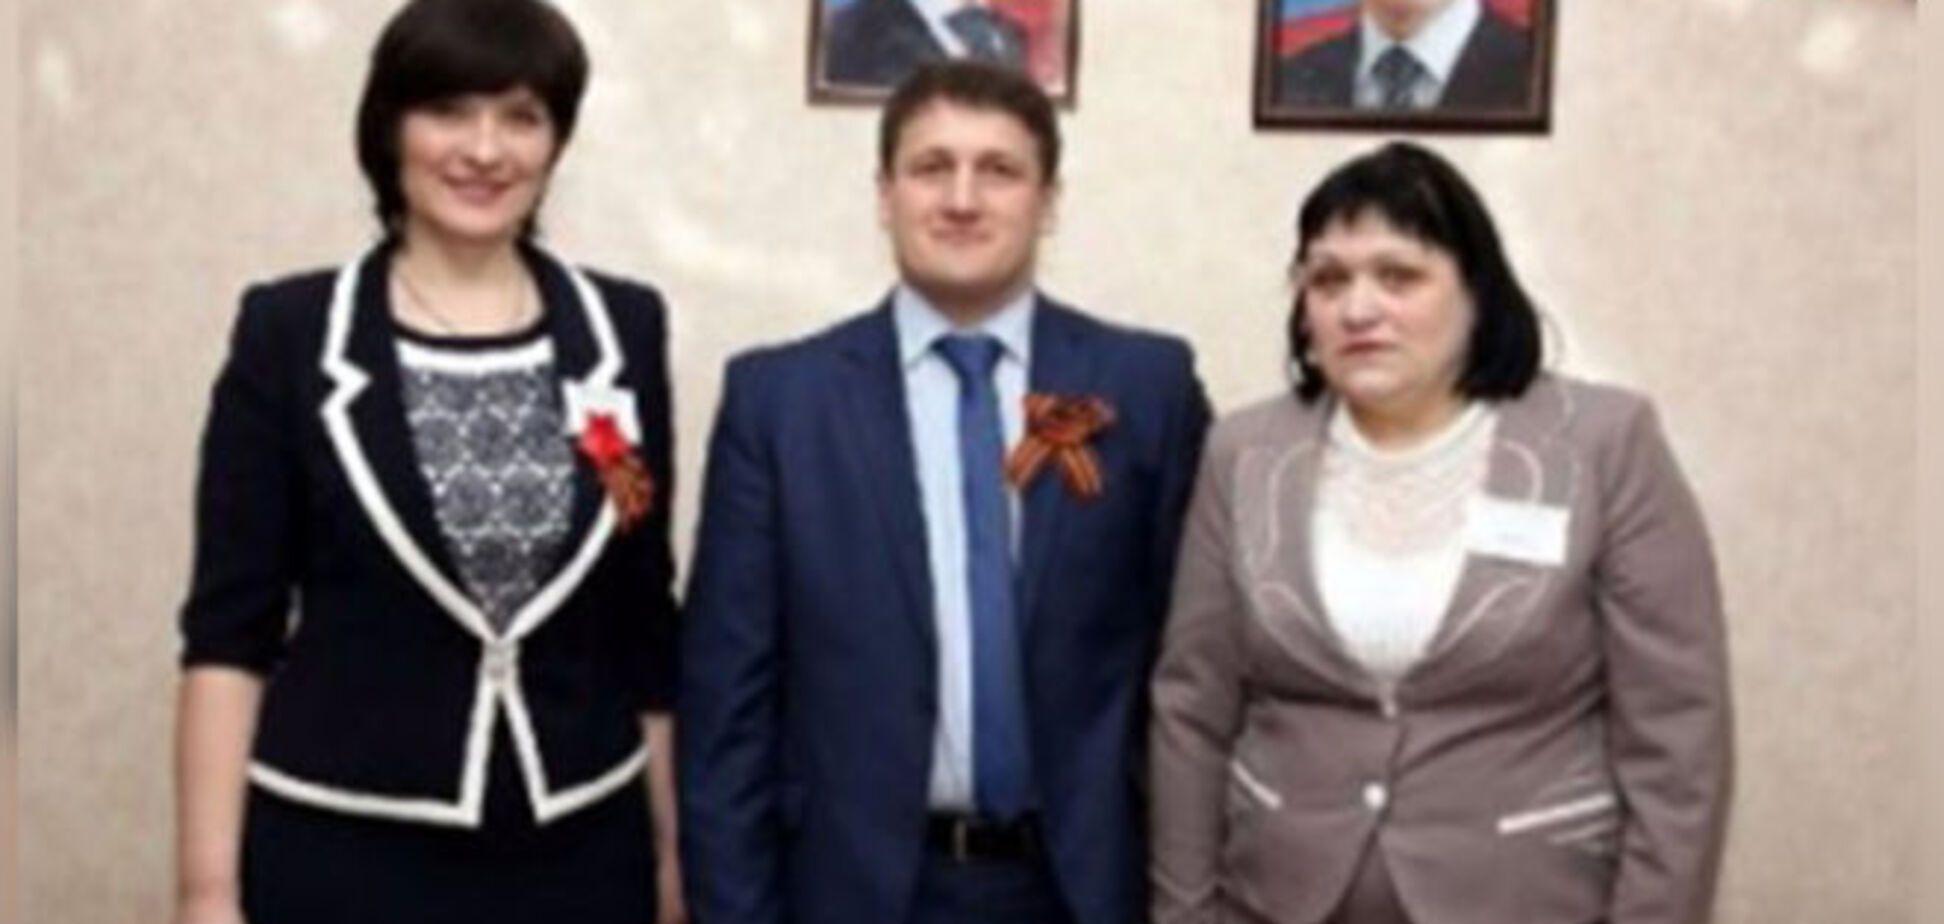 Фото с Путиным стоило работы харьковскому директору школы